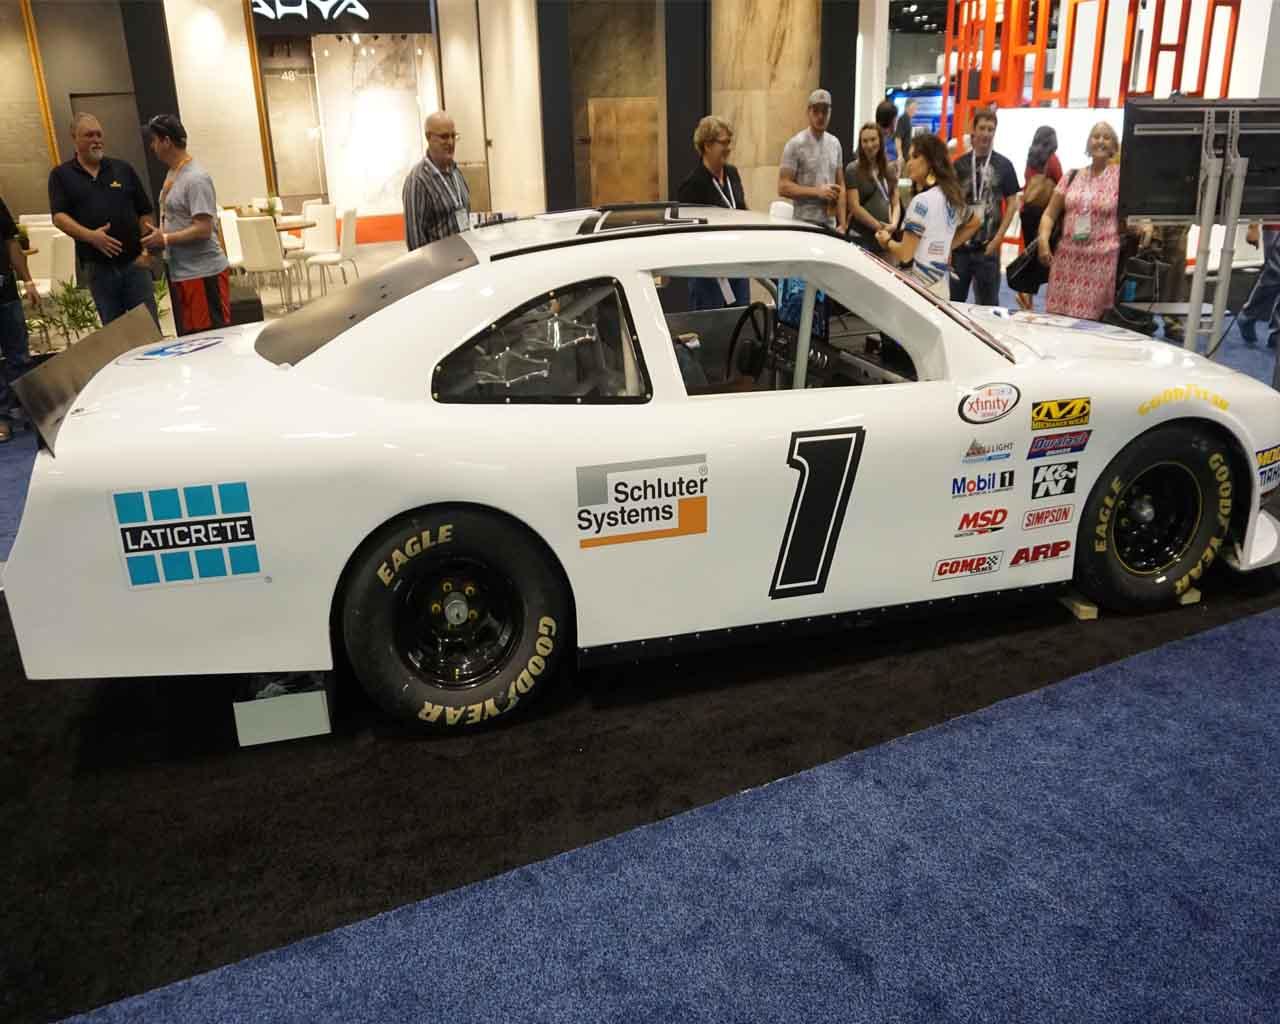 Daytona ist nicht weit : hier das passende NASCAR-Auto auf der COVERINGS-Messe